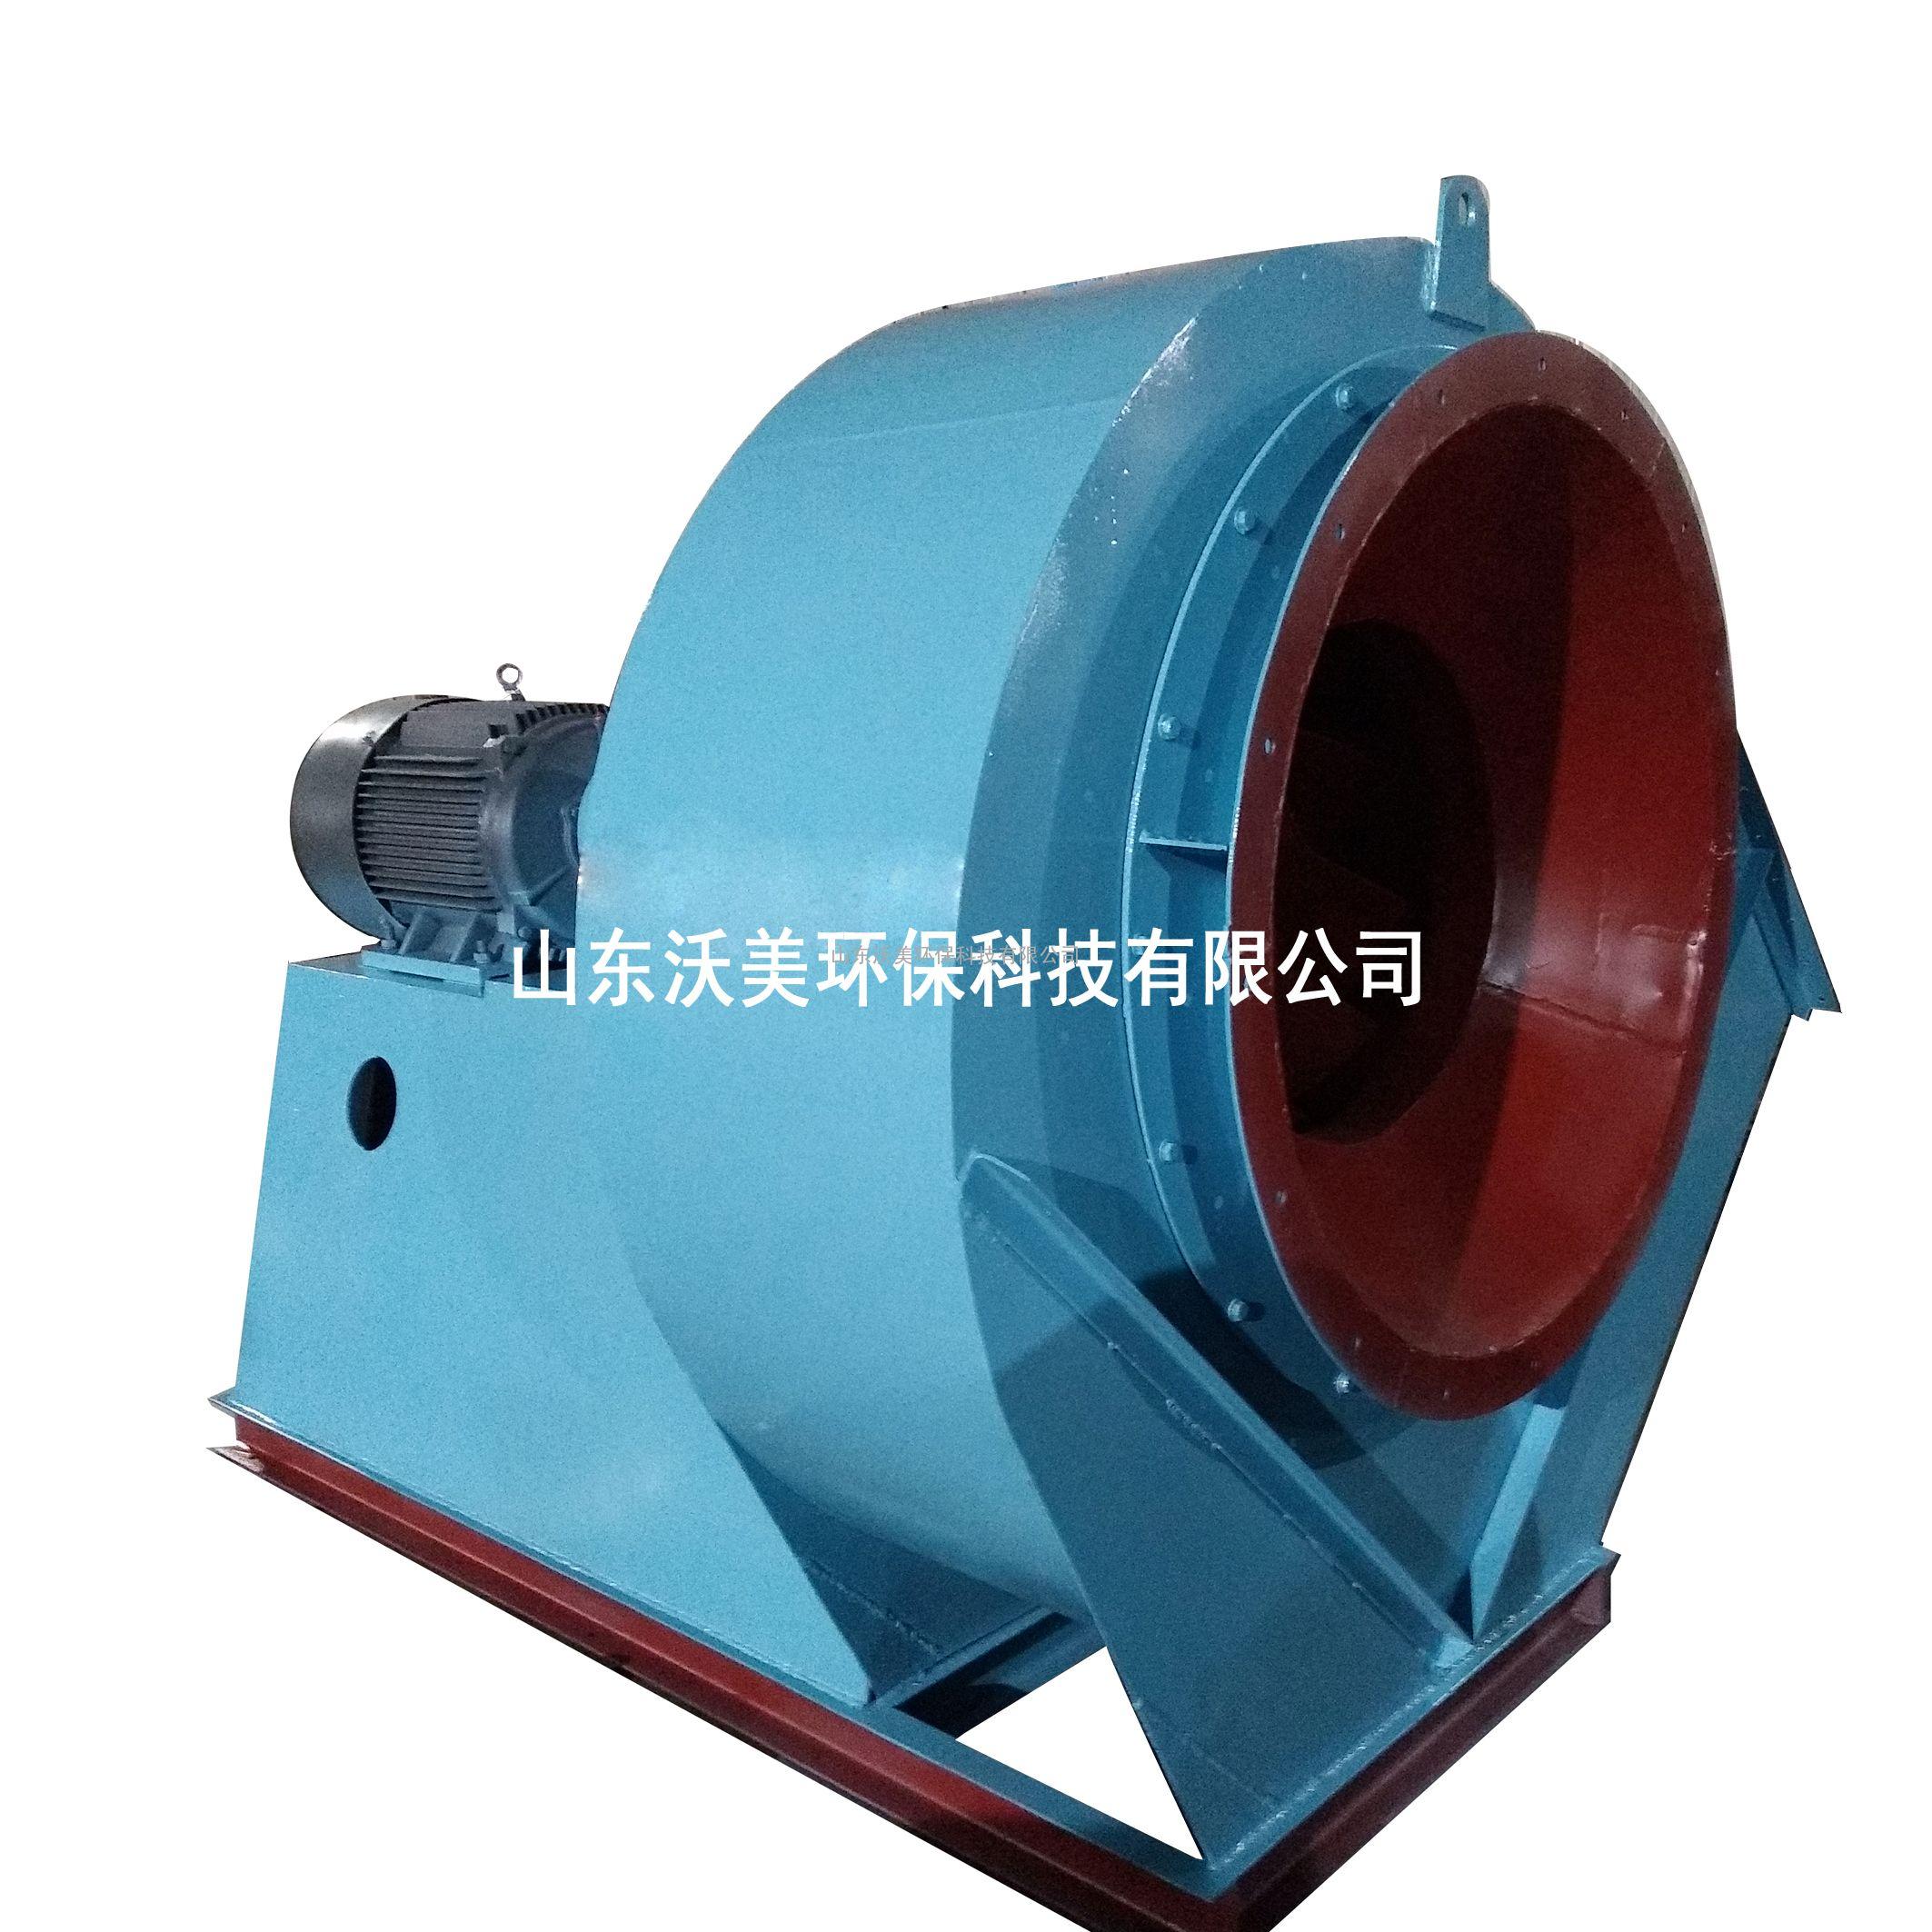 供应4-72A式、C式、D式离心通风机|型号齐全|沃美环保